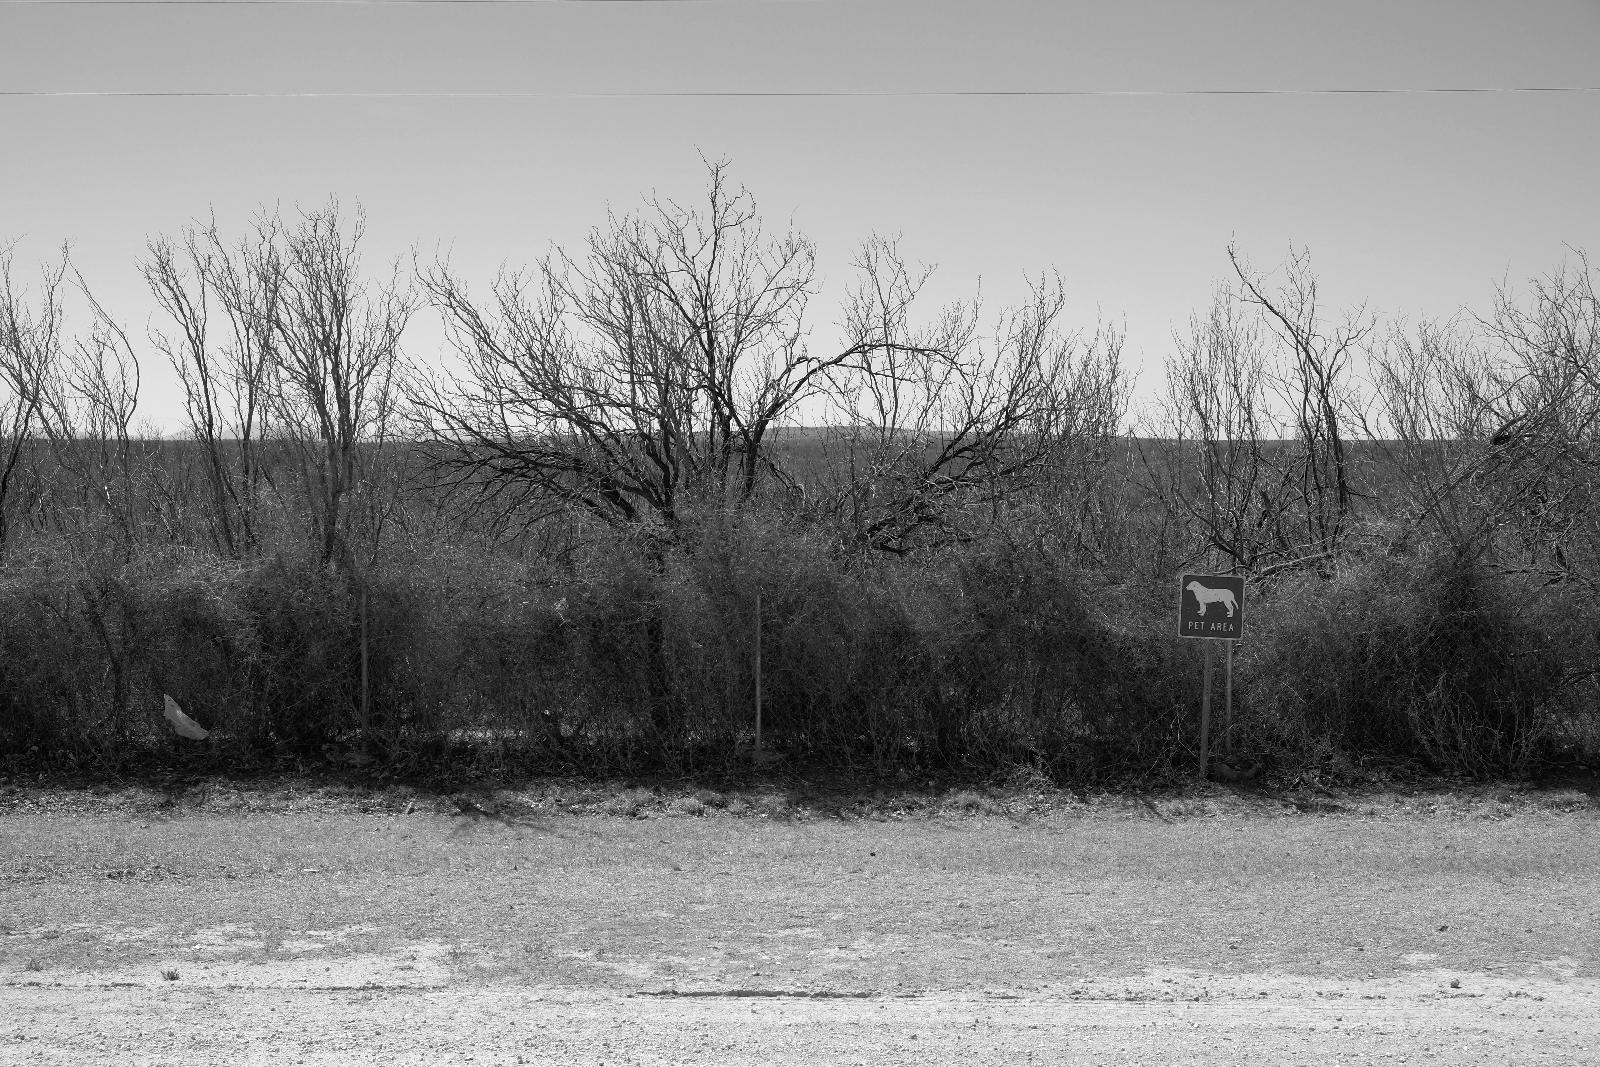 Mon, 03/17/2014 - 12:55pm - pet area